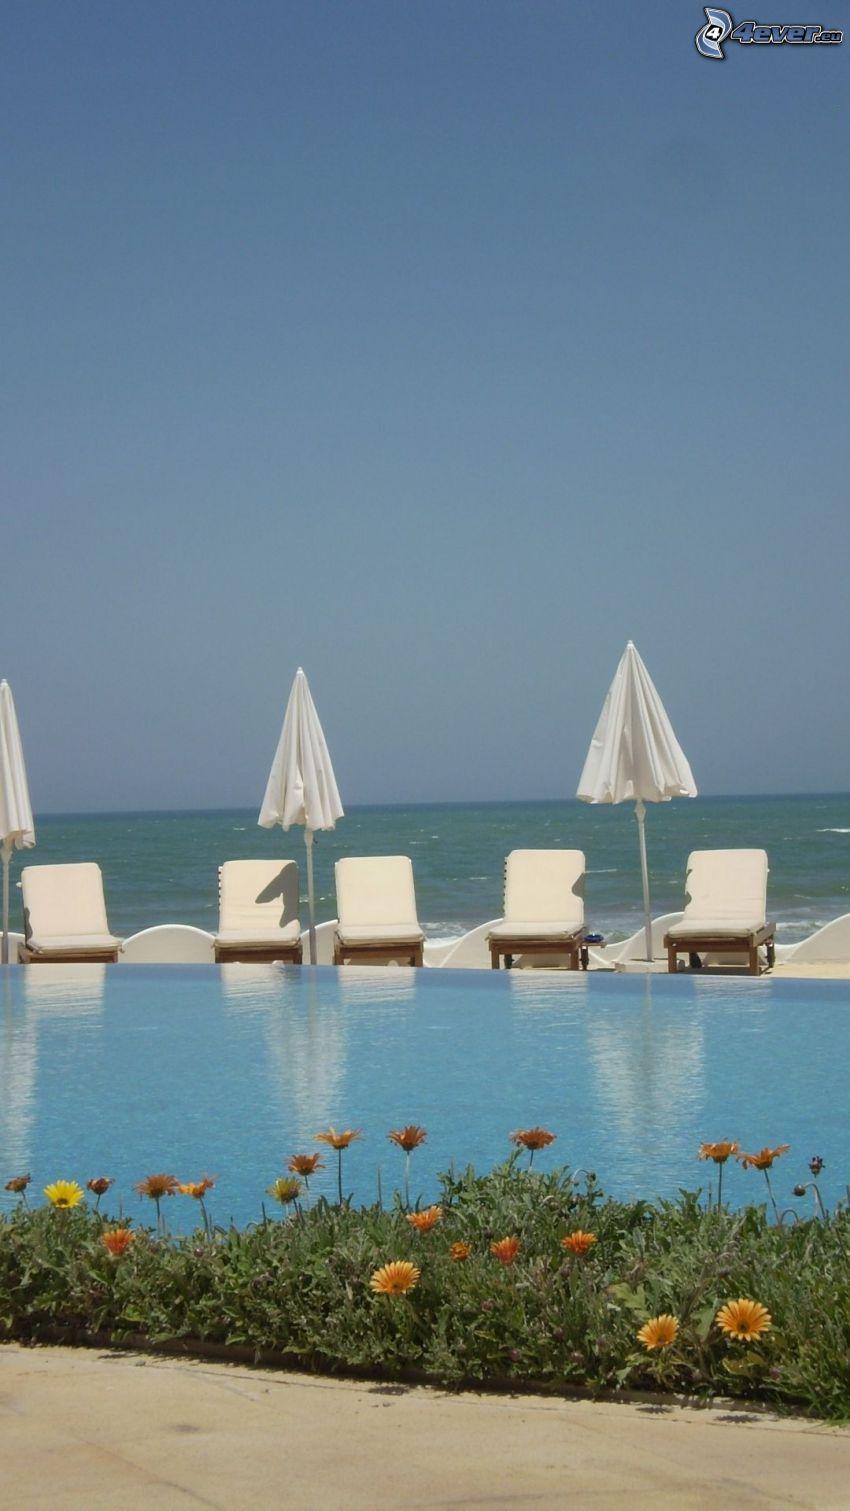 leżaki, parasole przeciwsłoneczne, basen, kwiaty, widok na morze